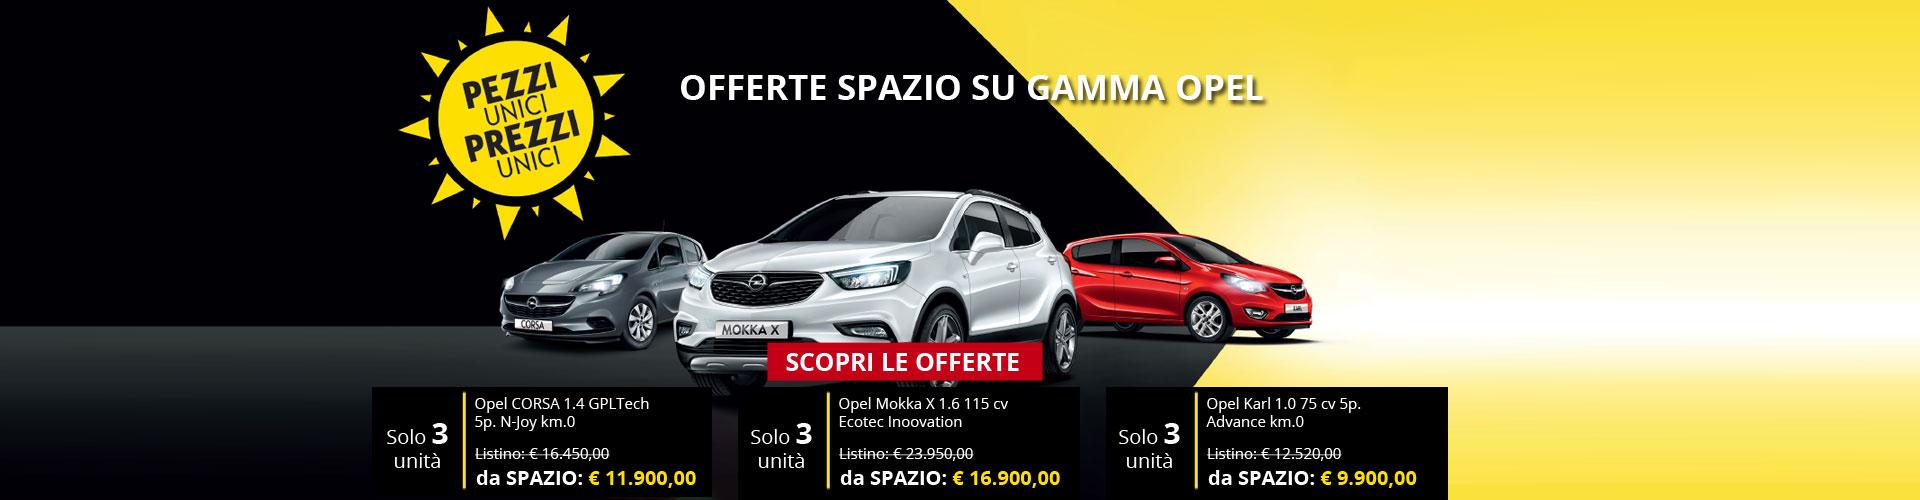 Offerte gamma Opel da Spazio a Torino